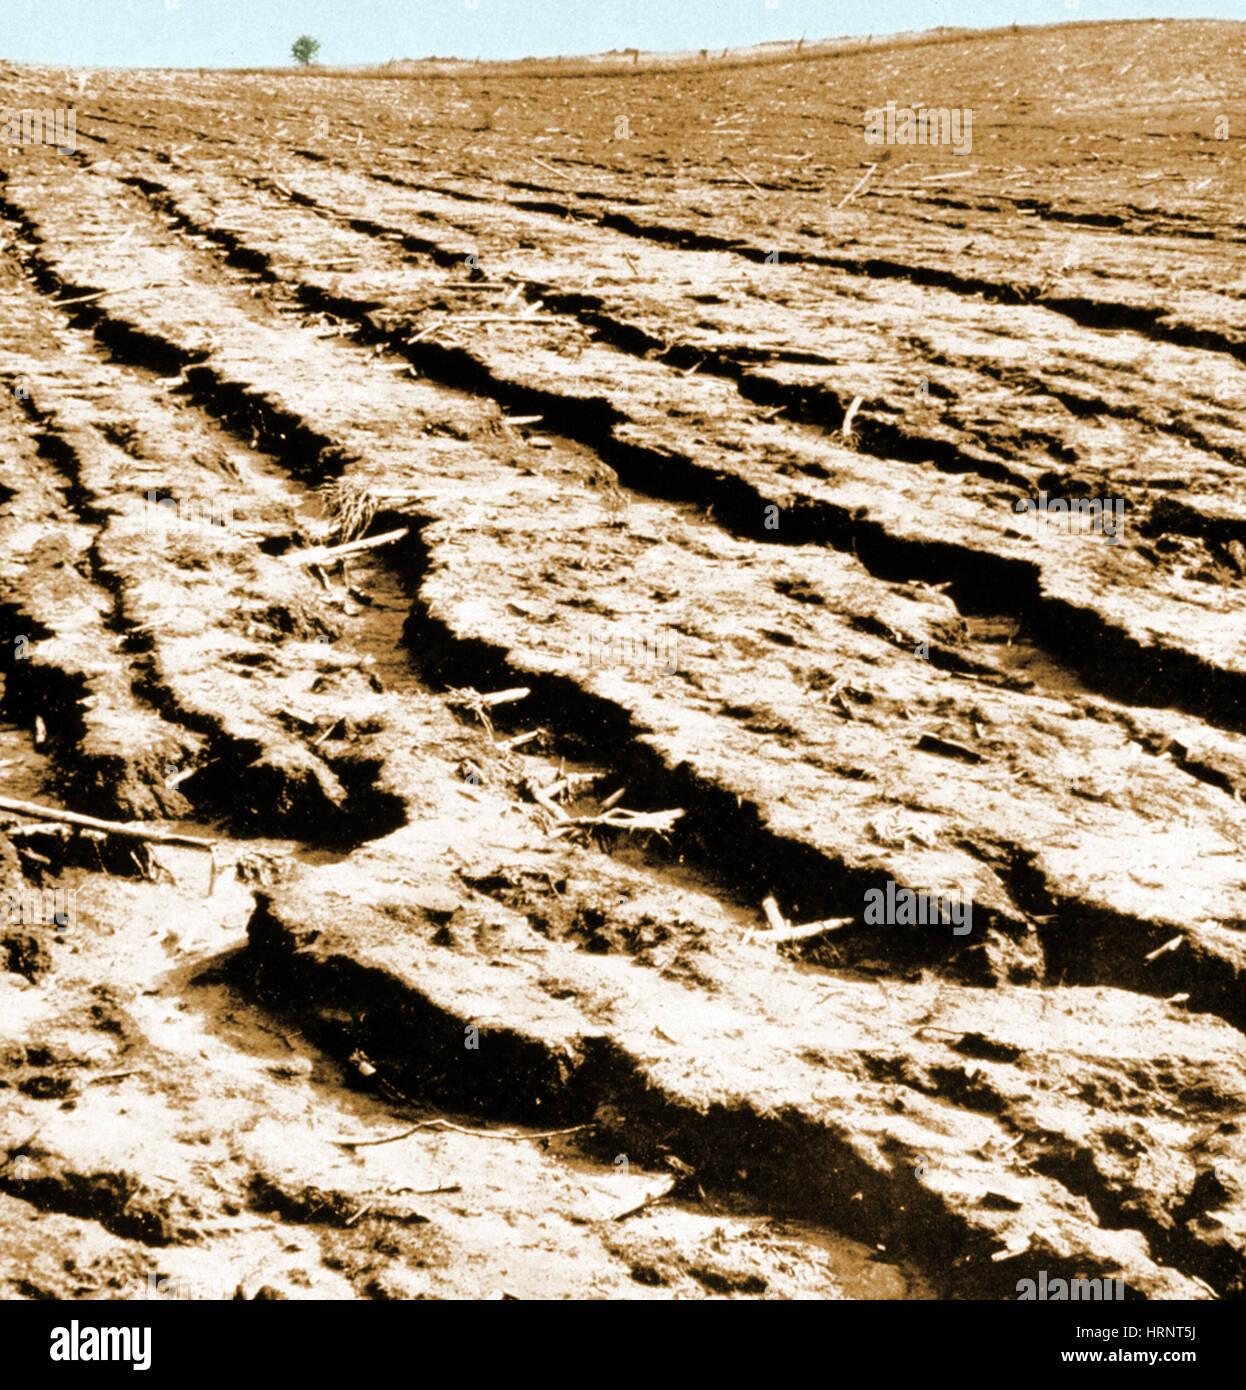 Dust Bowl Erosion - Stock Image